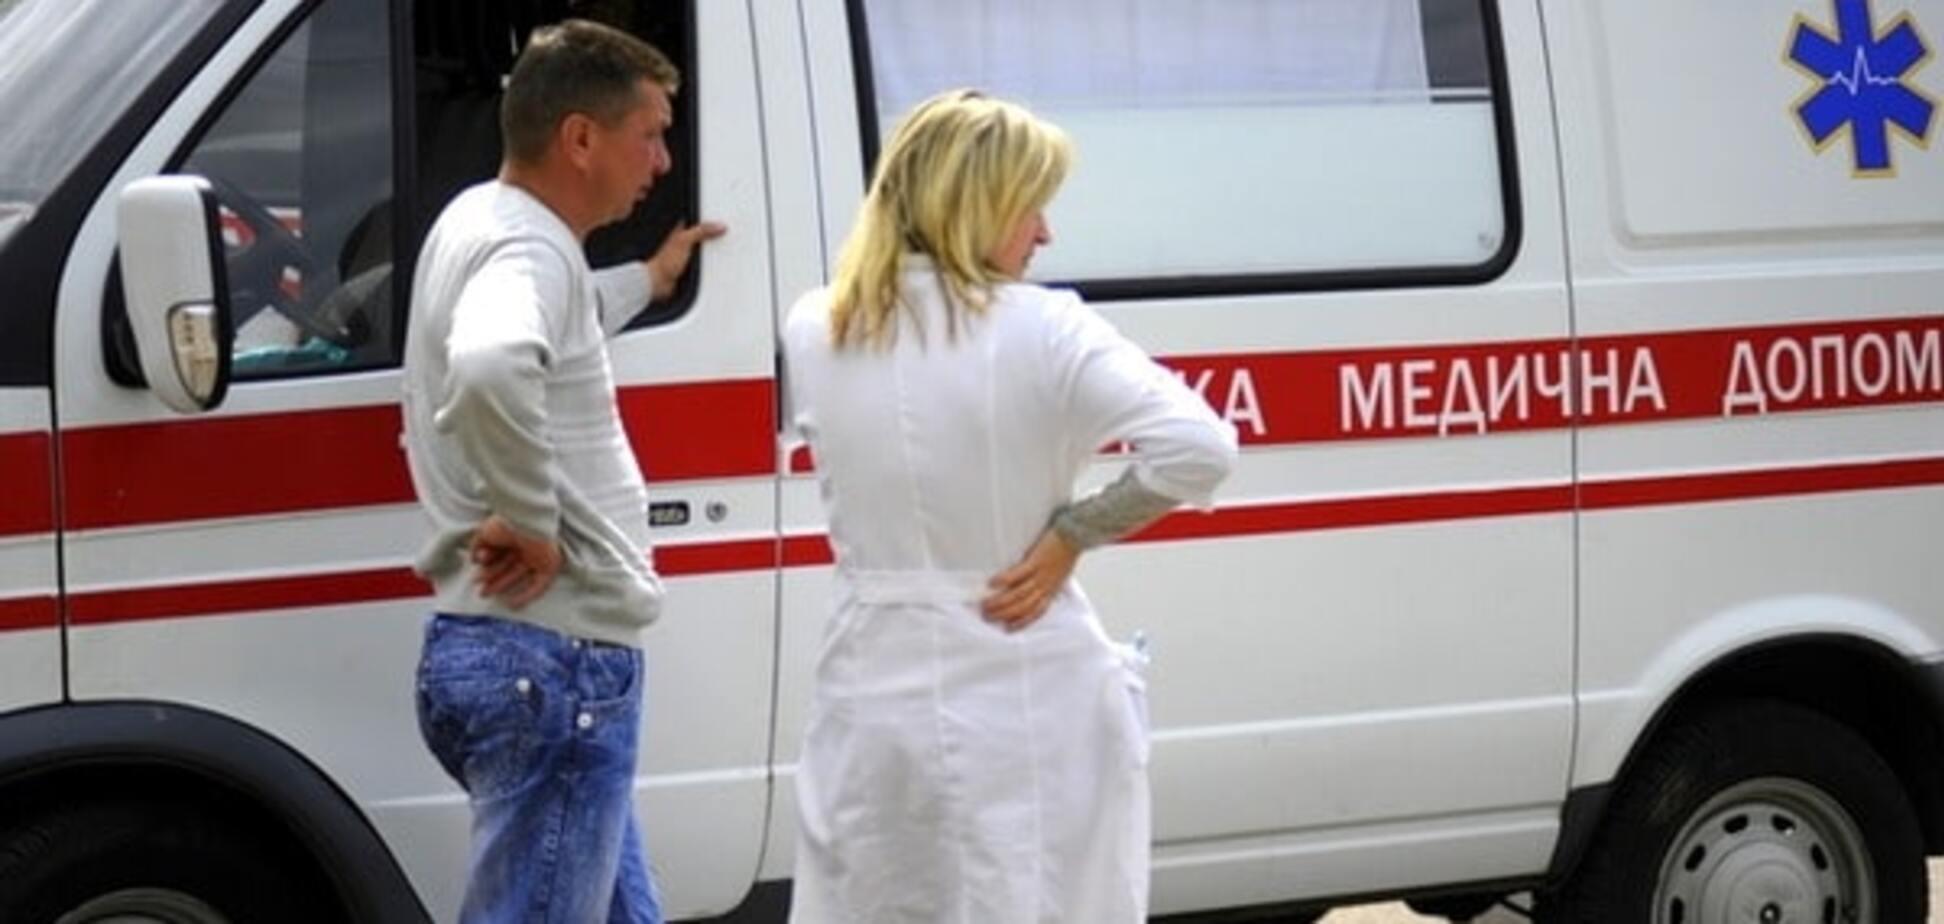 На Київщині фельдшер відмовився надіслати швидку, жінка померла